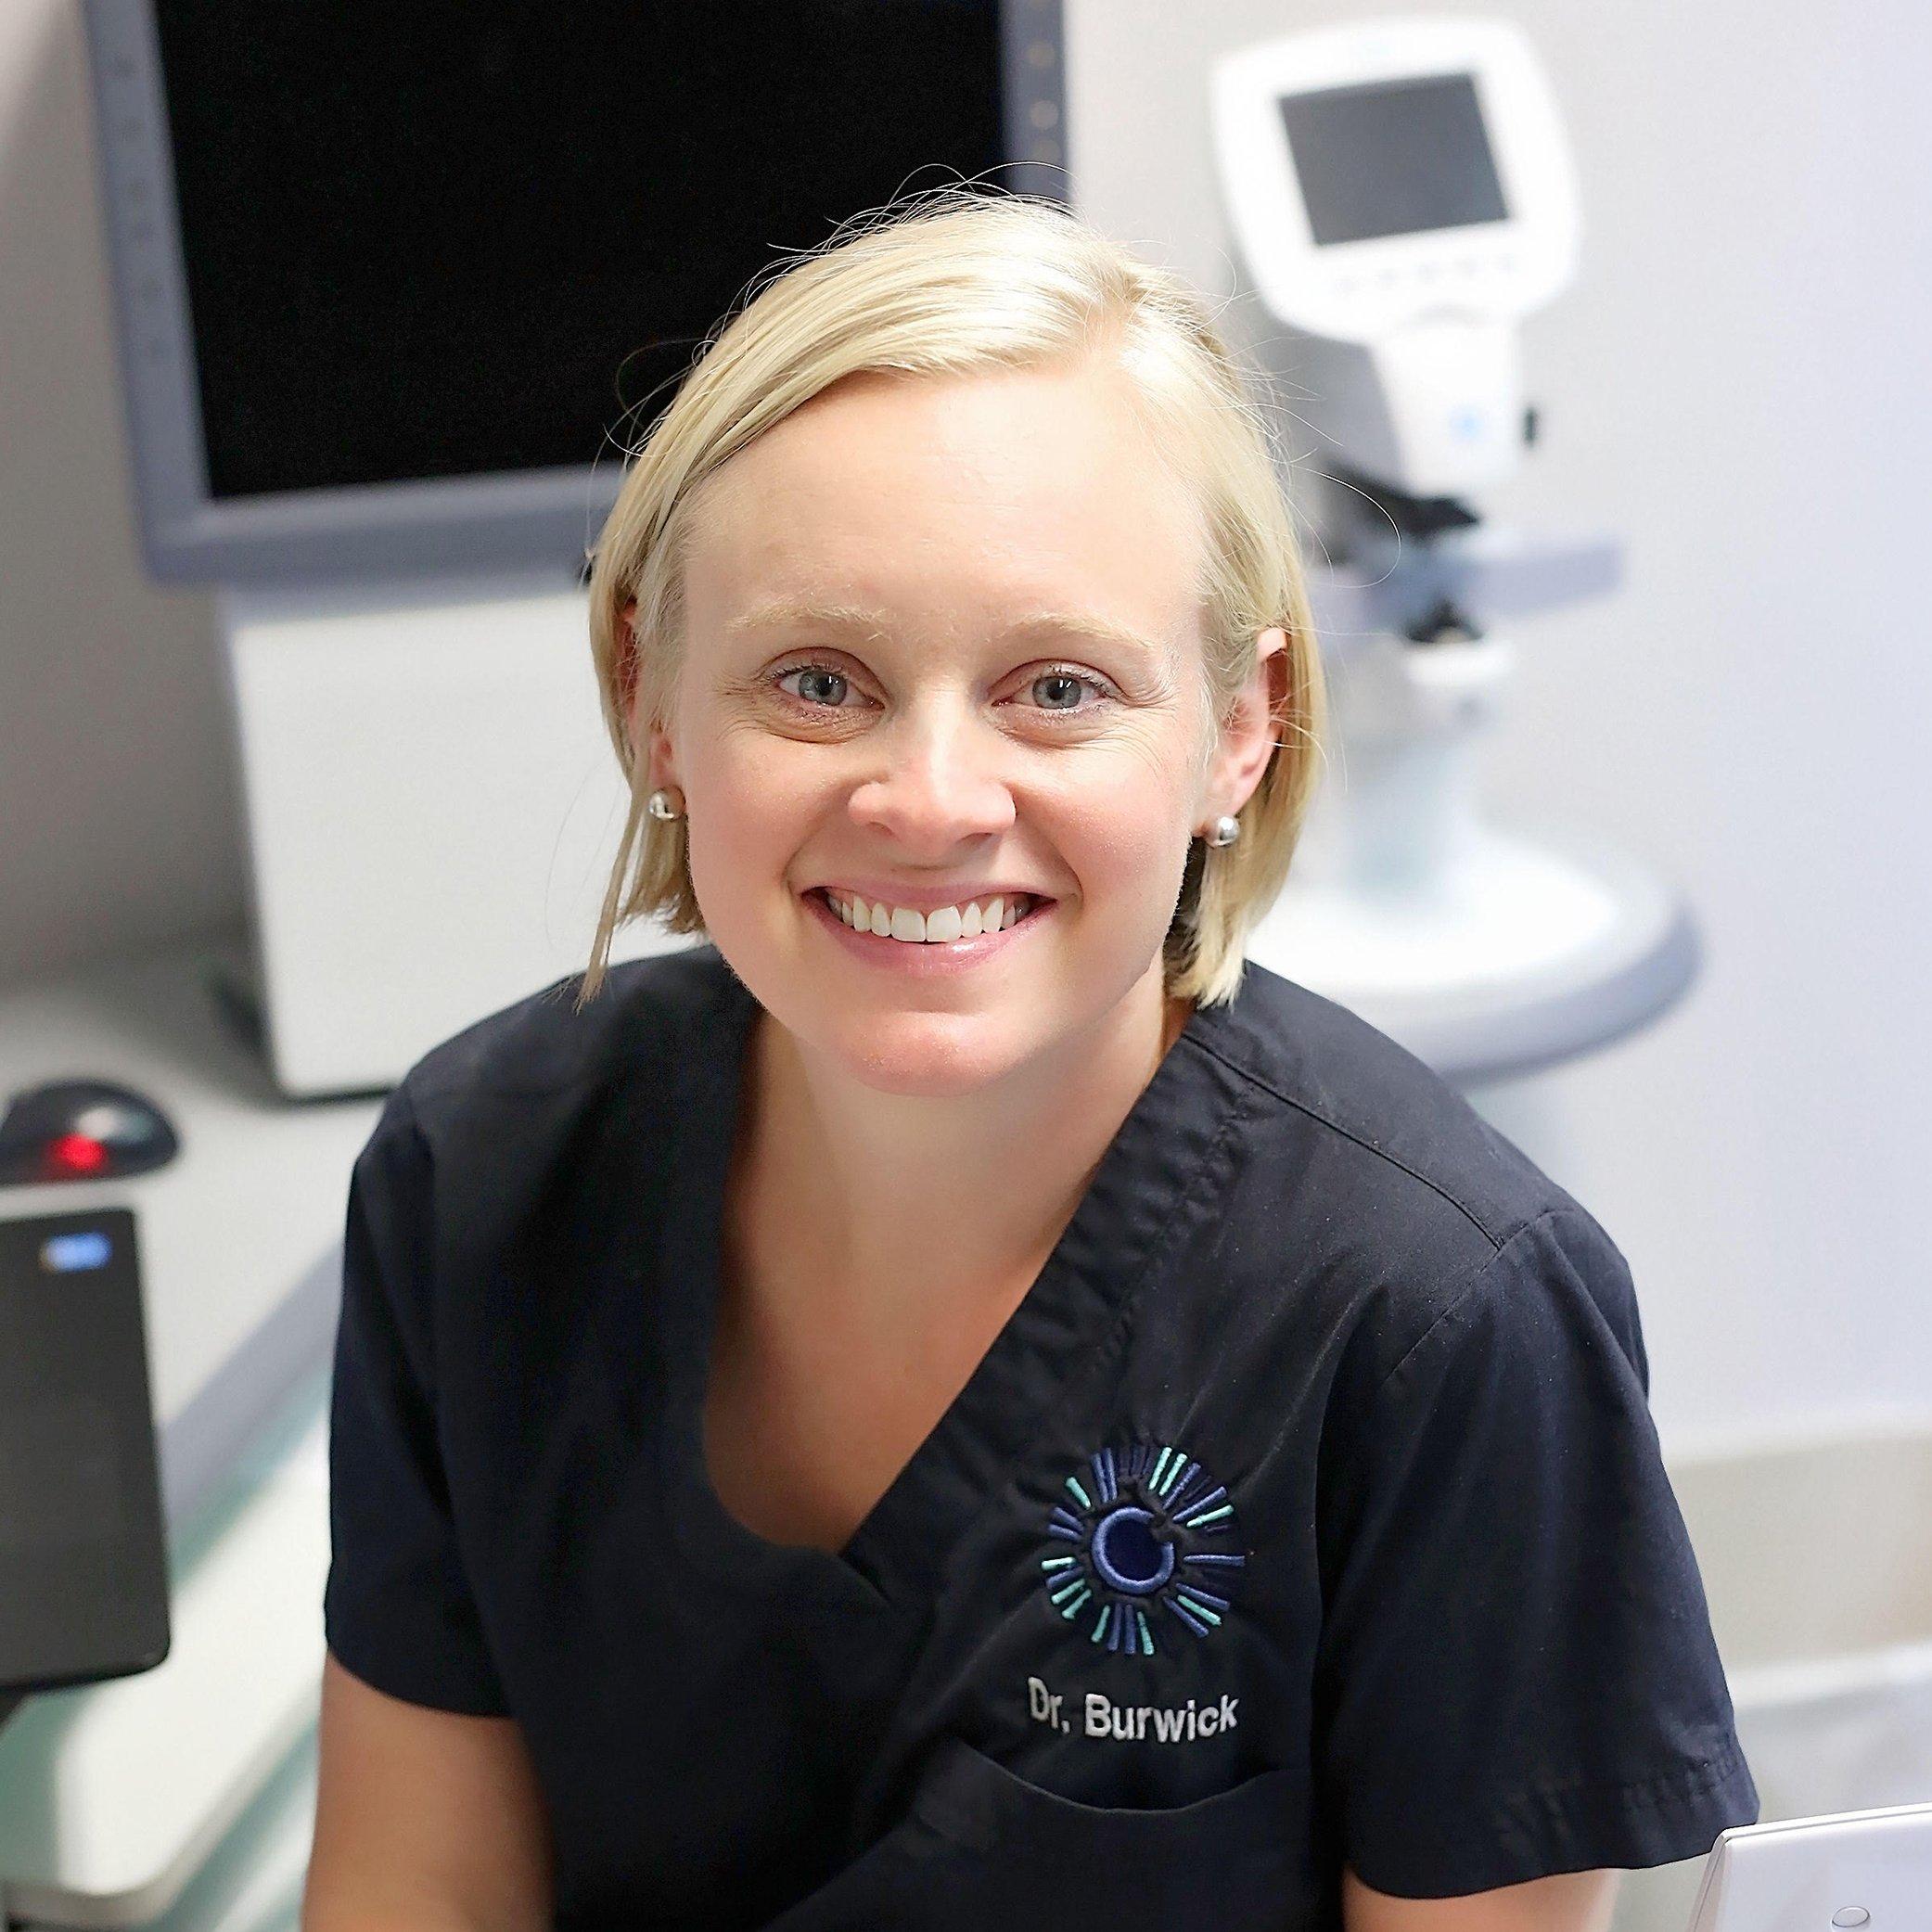 Kristen Burwick, MD - North Platte